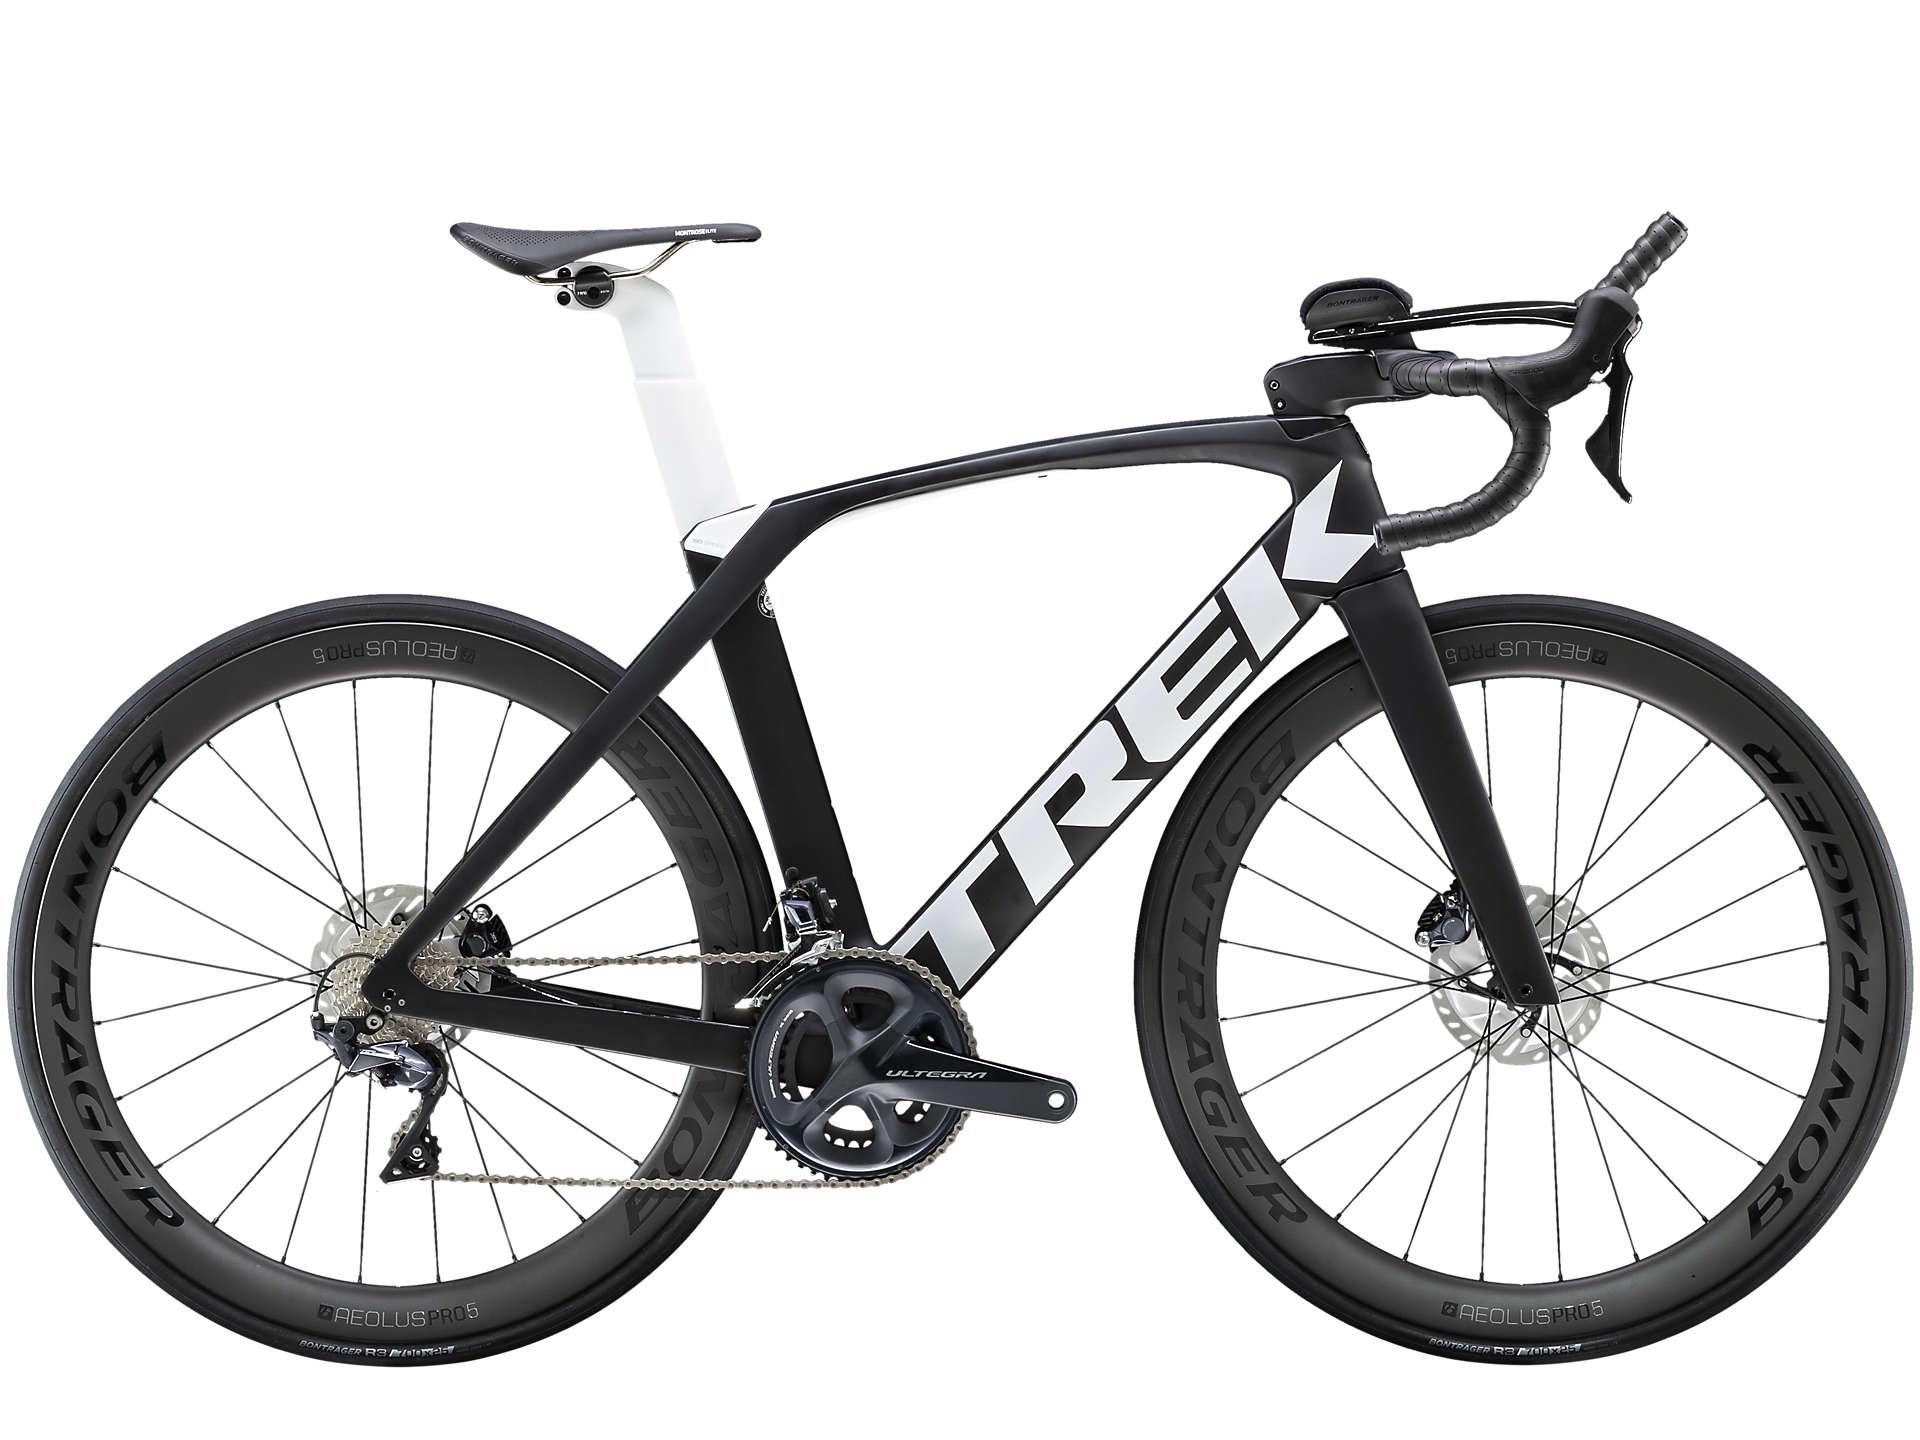 Bicicleta Trek Madone Speed Disco - Tamanho 54 - Por R$ 42.999,00 - 2020